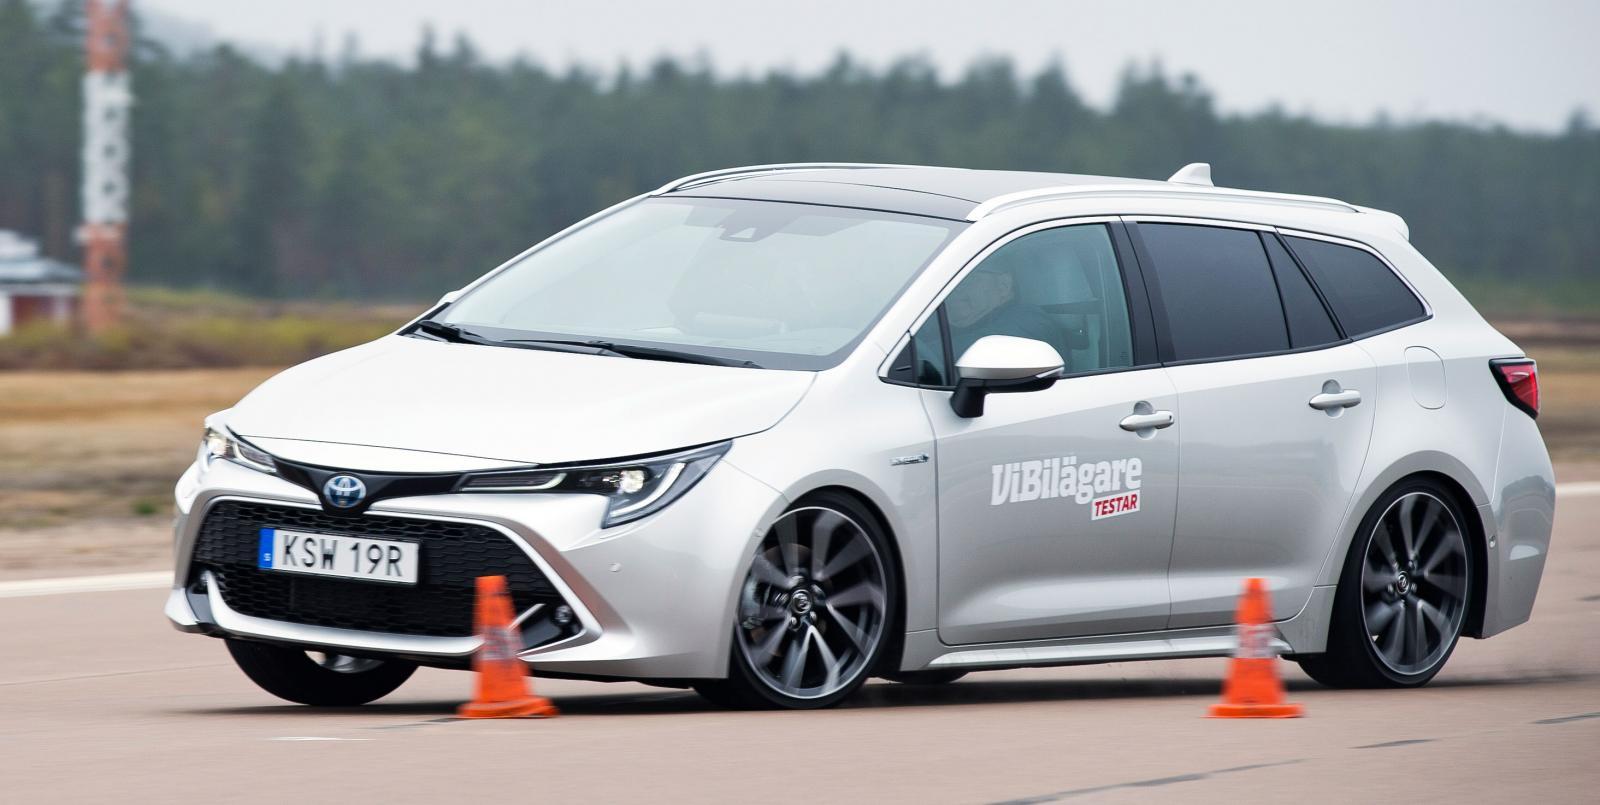 Toyota häver sig tungt och har vevig styrning utan känsla. Klarar knappt 70 km/tim.